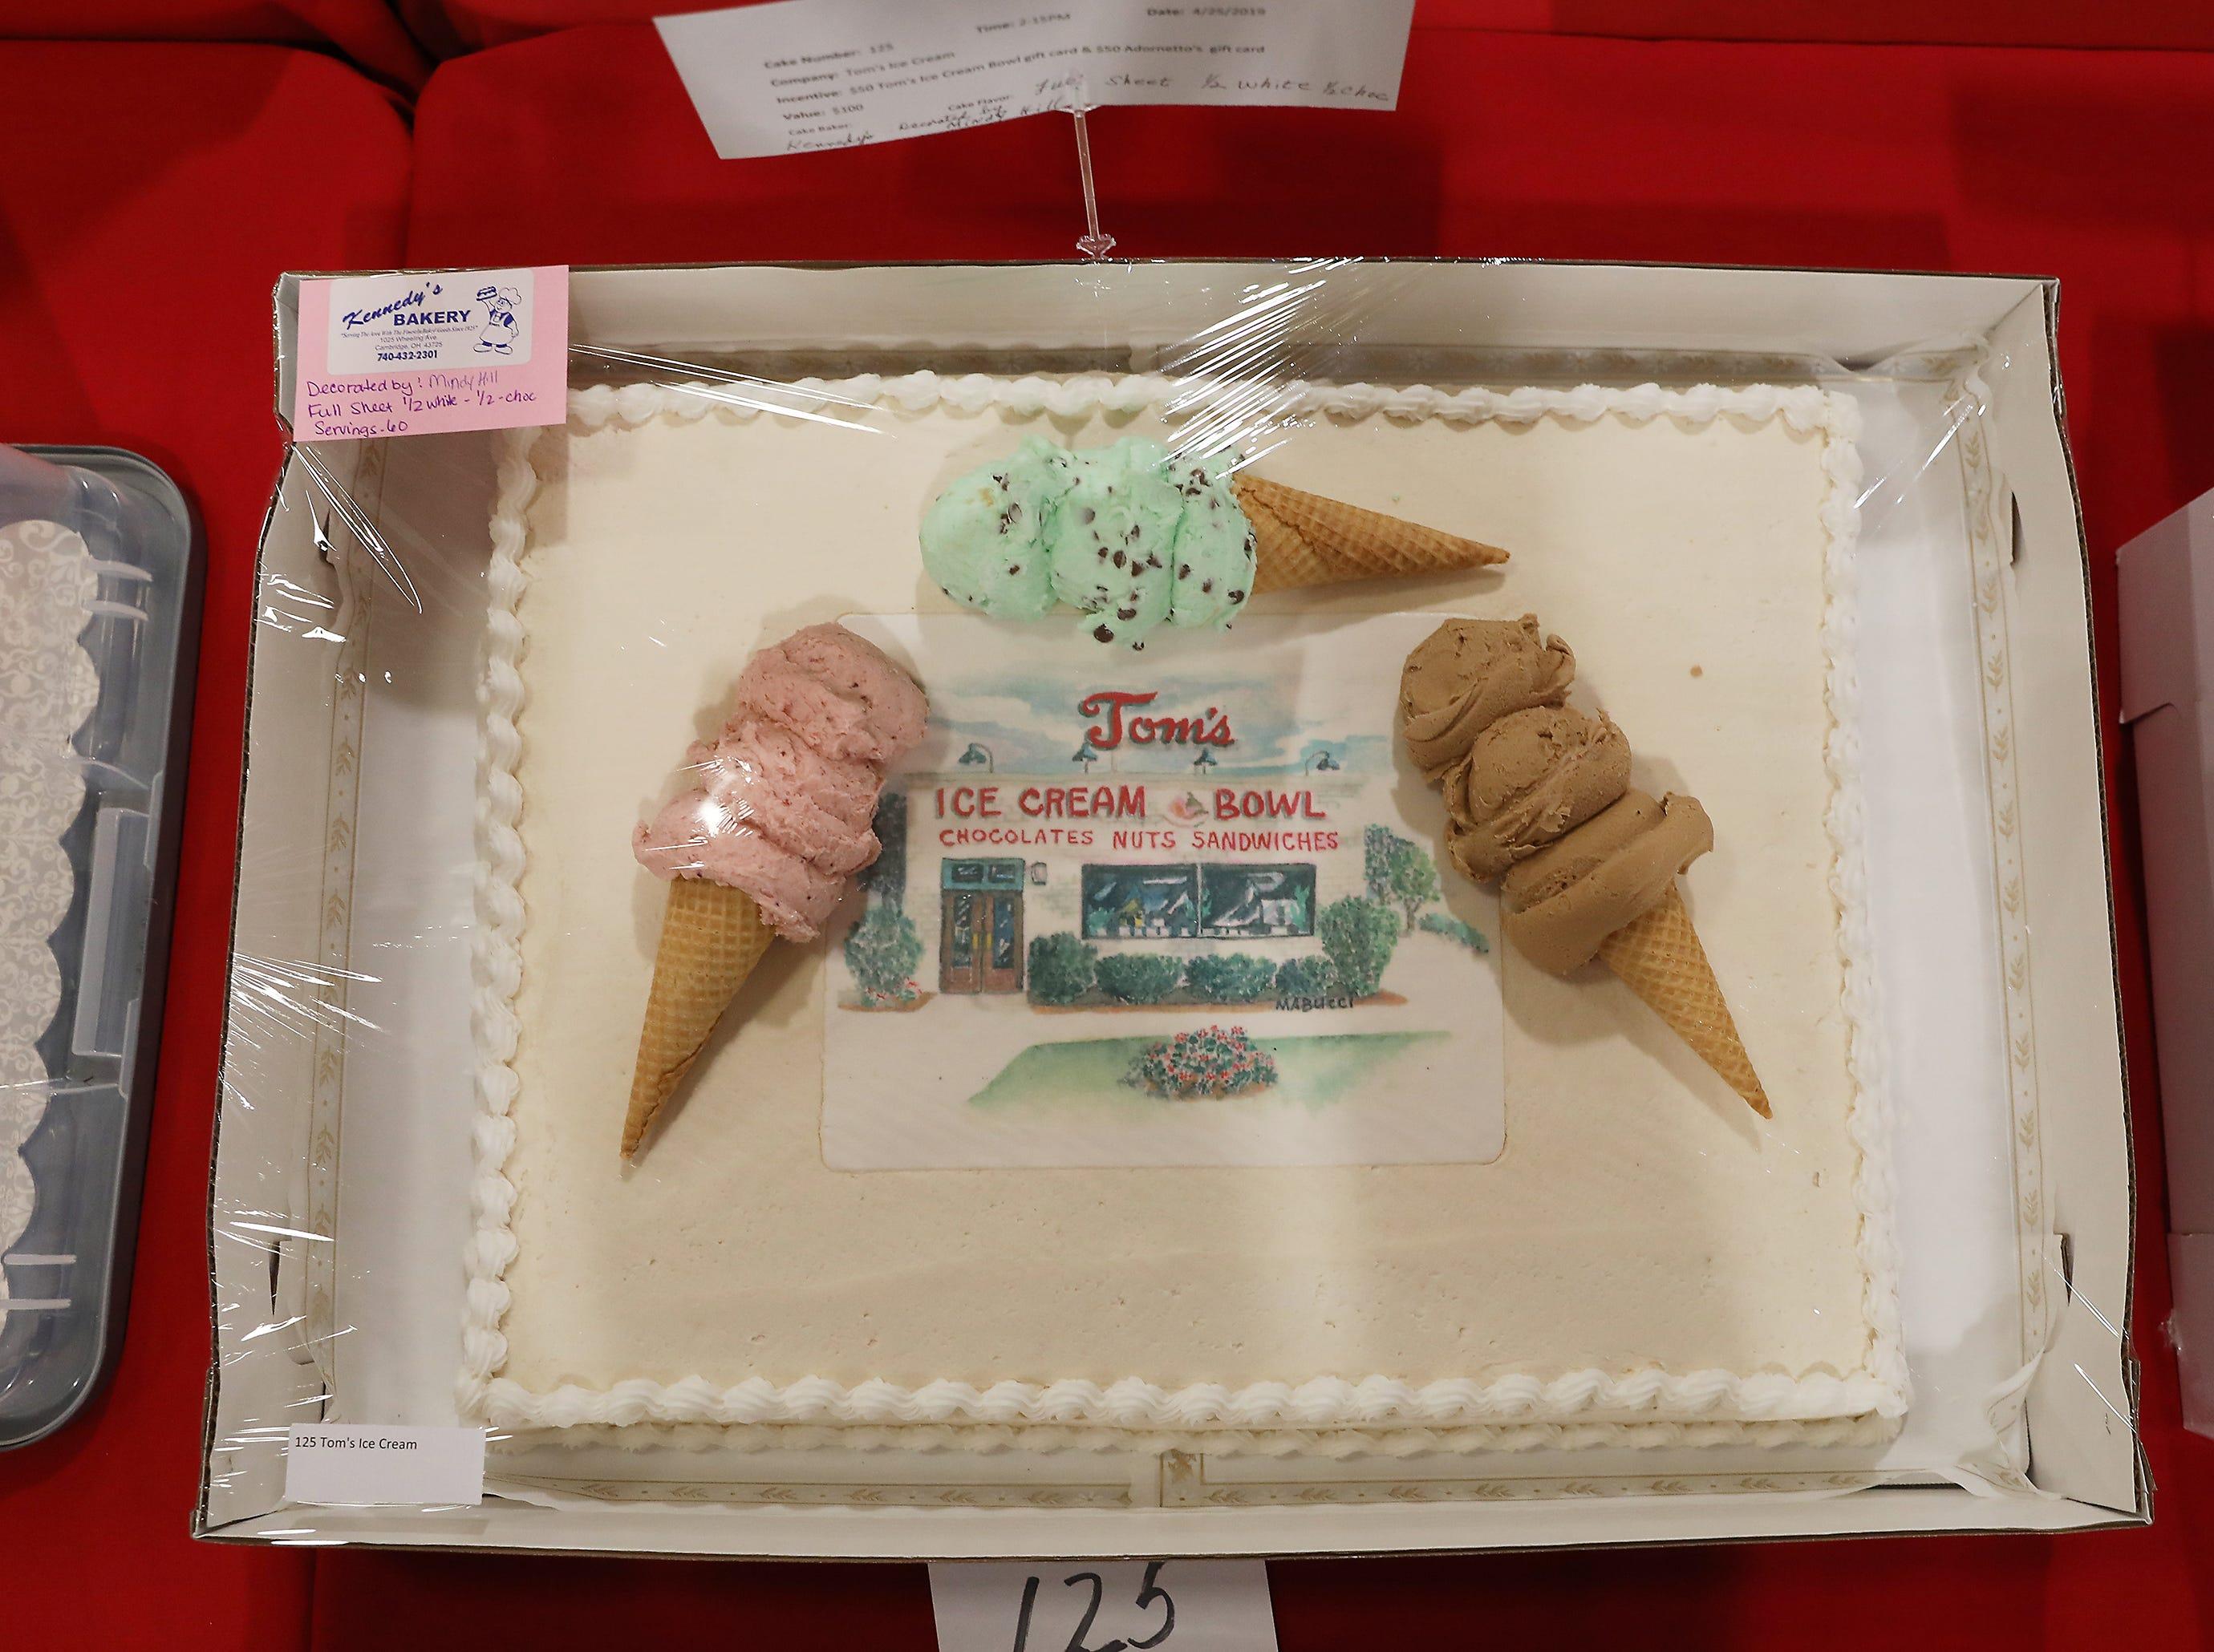 2:15 P.M. Thursday cake 125 Tom's Ice Cream - $50 cards to Tom's and Adornetto's